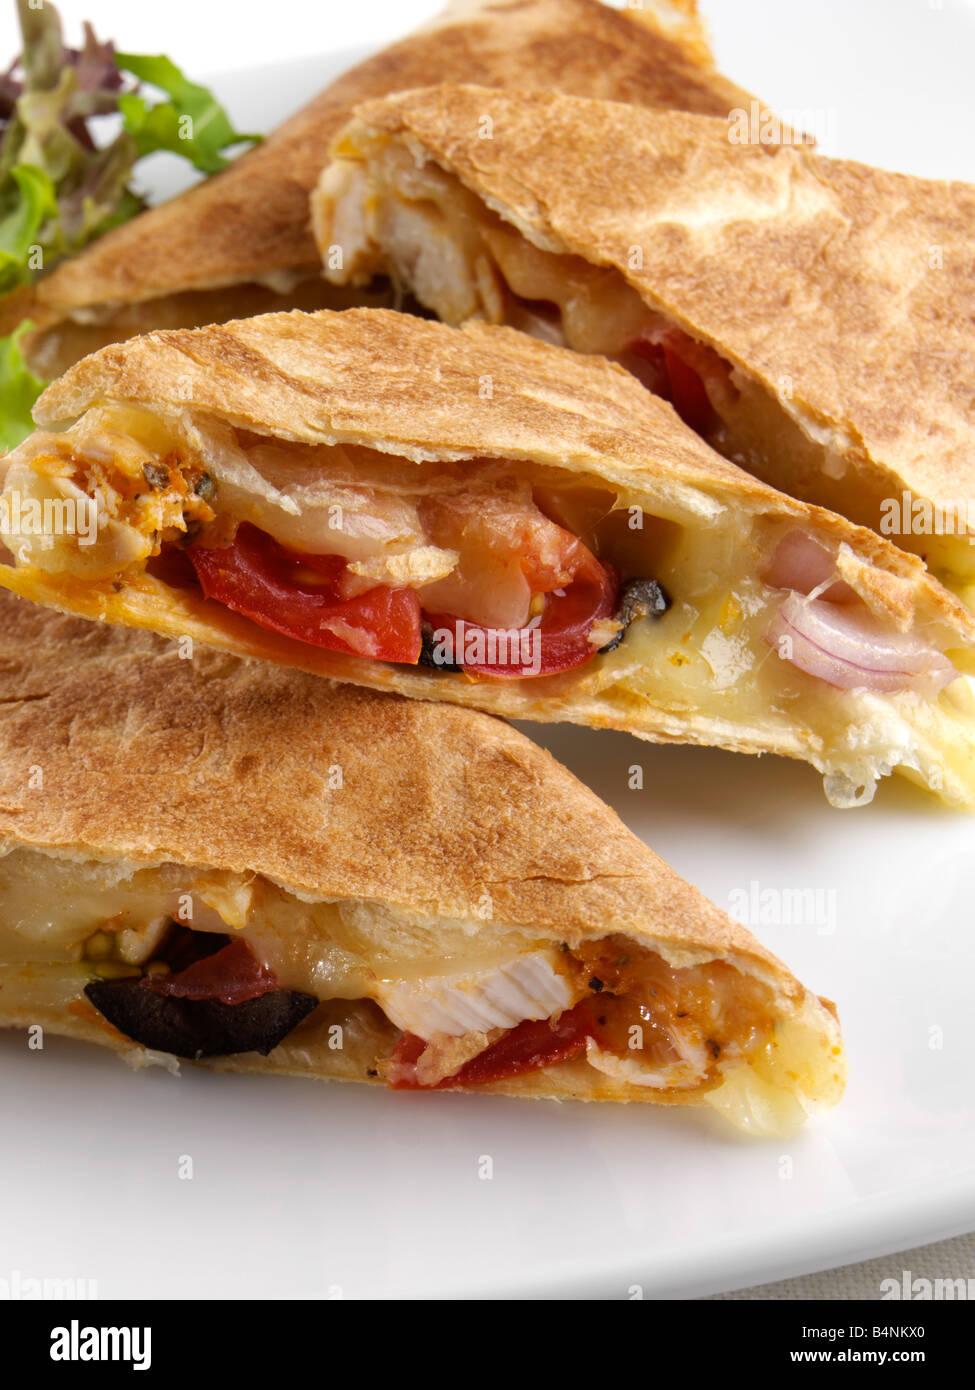 Chicken quesadillas Mexican editorial food - Stock Image